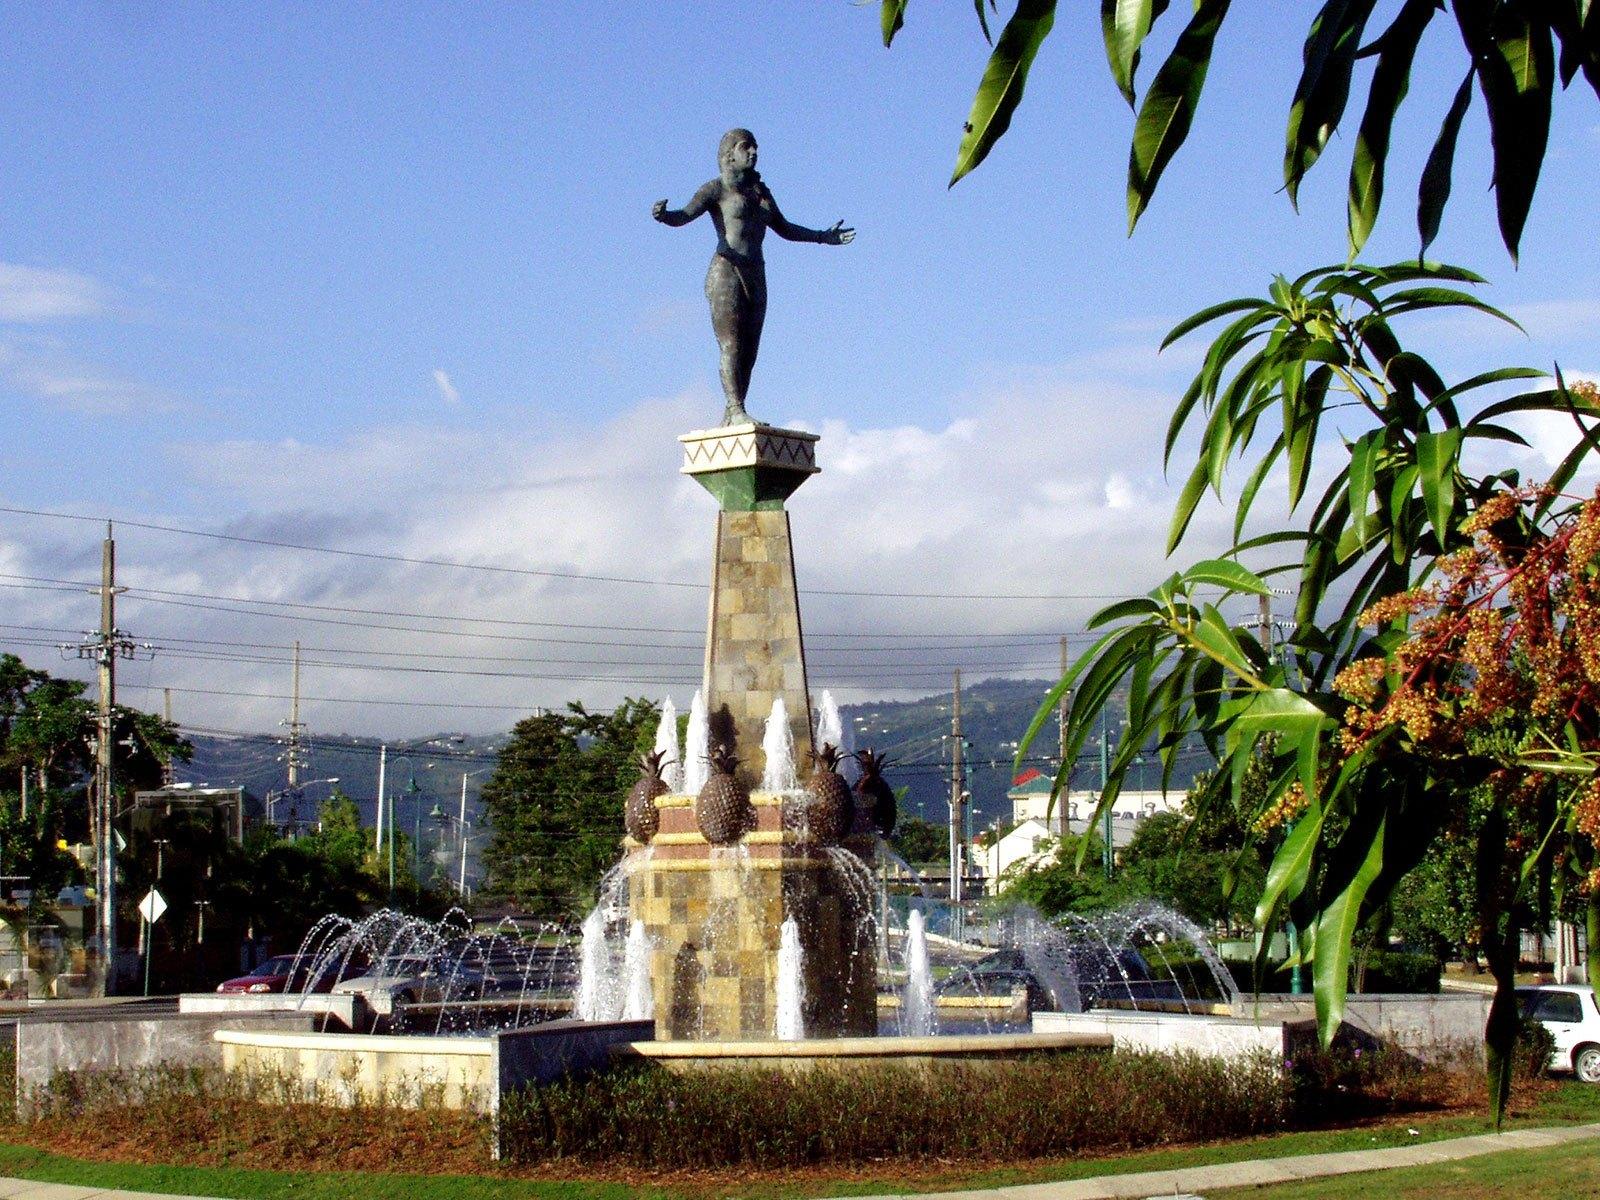 Monumento a la Herencia Taina de María Elena Perales en Caguas